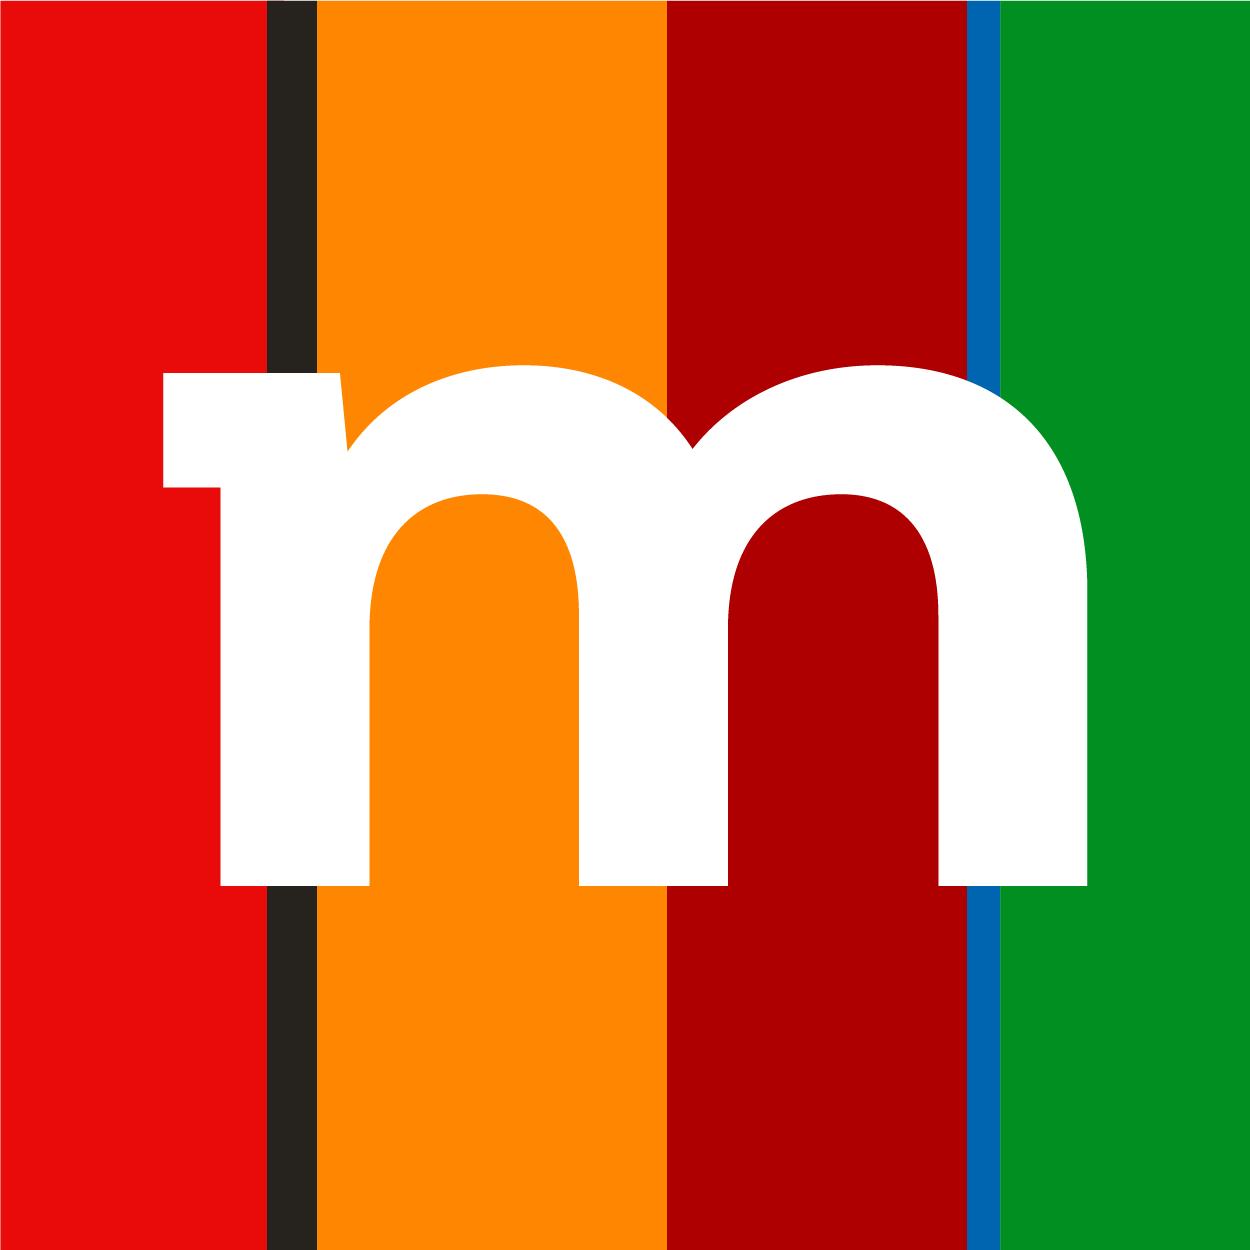 logo fundacji mbanku - kolorowe pasy z literą m na środku